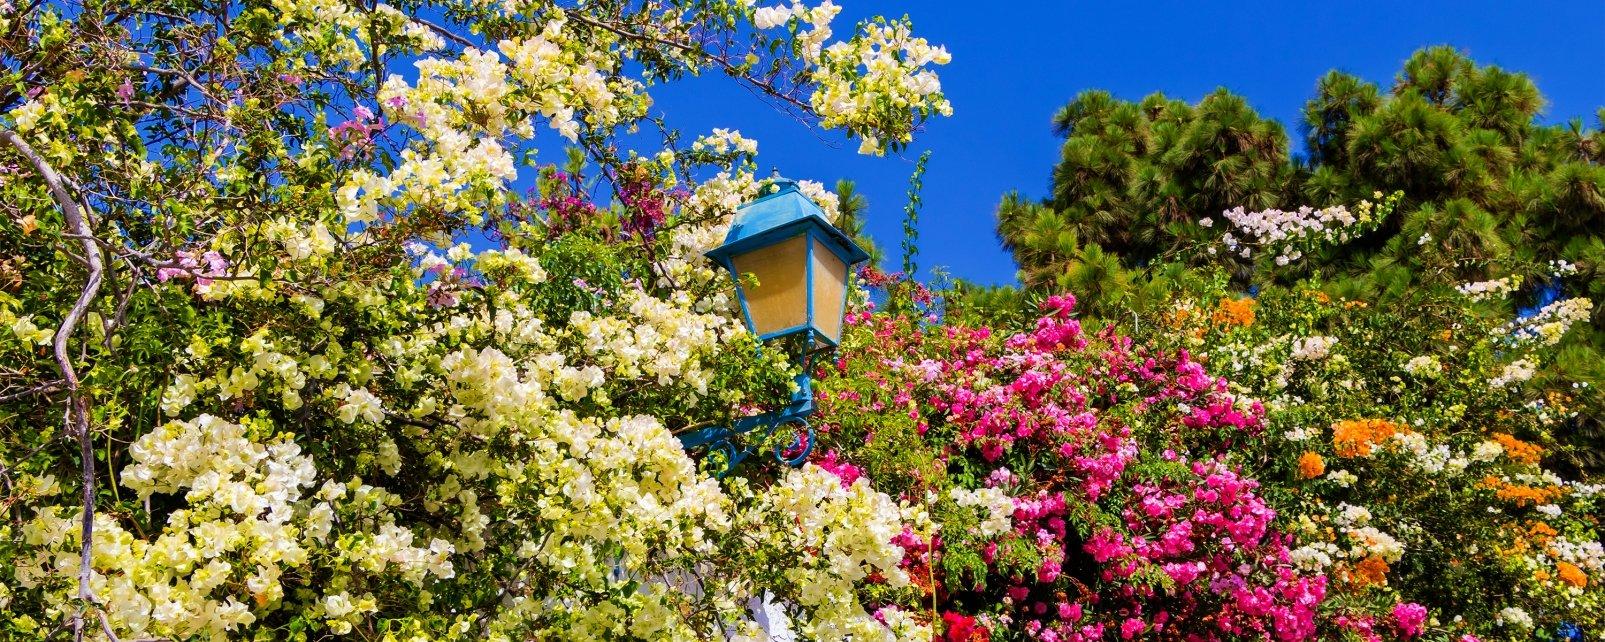 La faune et la flore, tunisie, essence, parfum, végétal, fleur, rose, sidi bou saïd